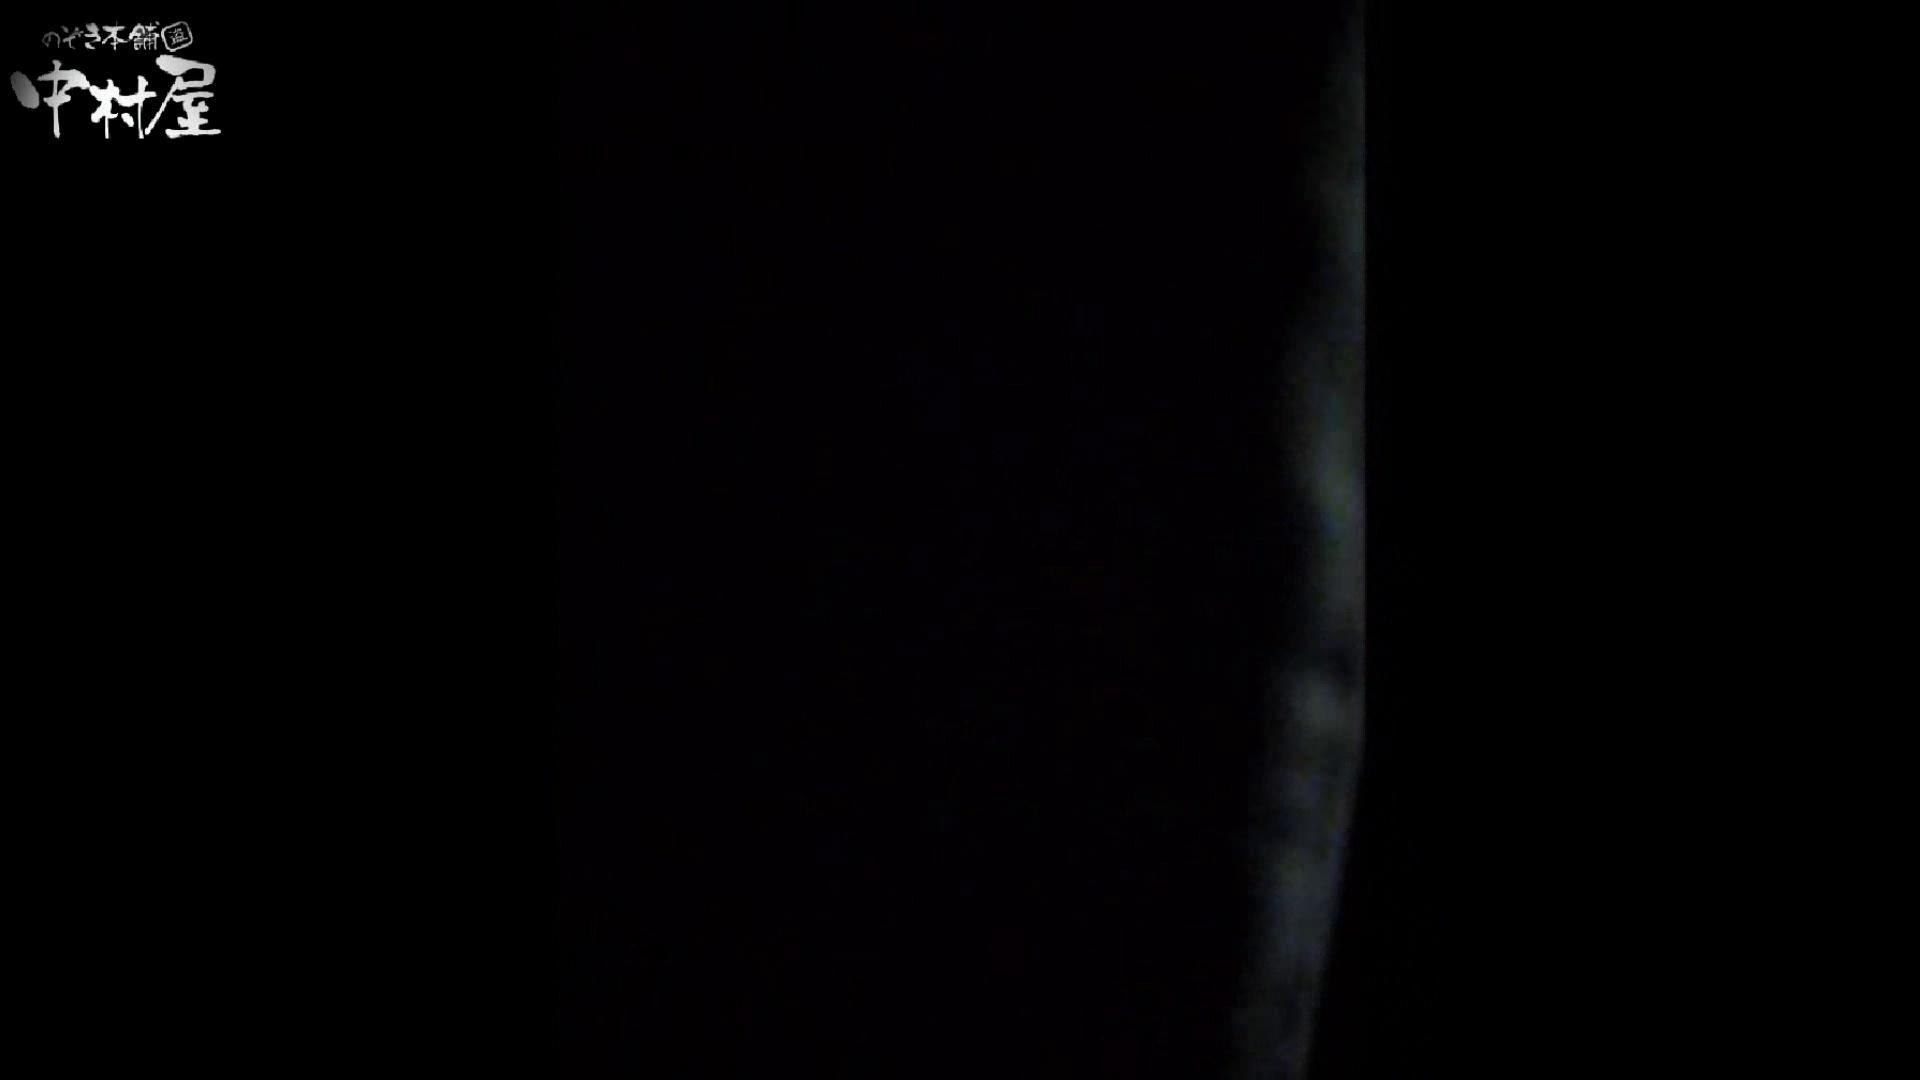 民家風呂専門盗撮師の超危険映像 vol.006 盗撮 ヌード画像 109連発 21